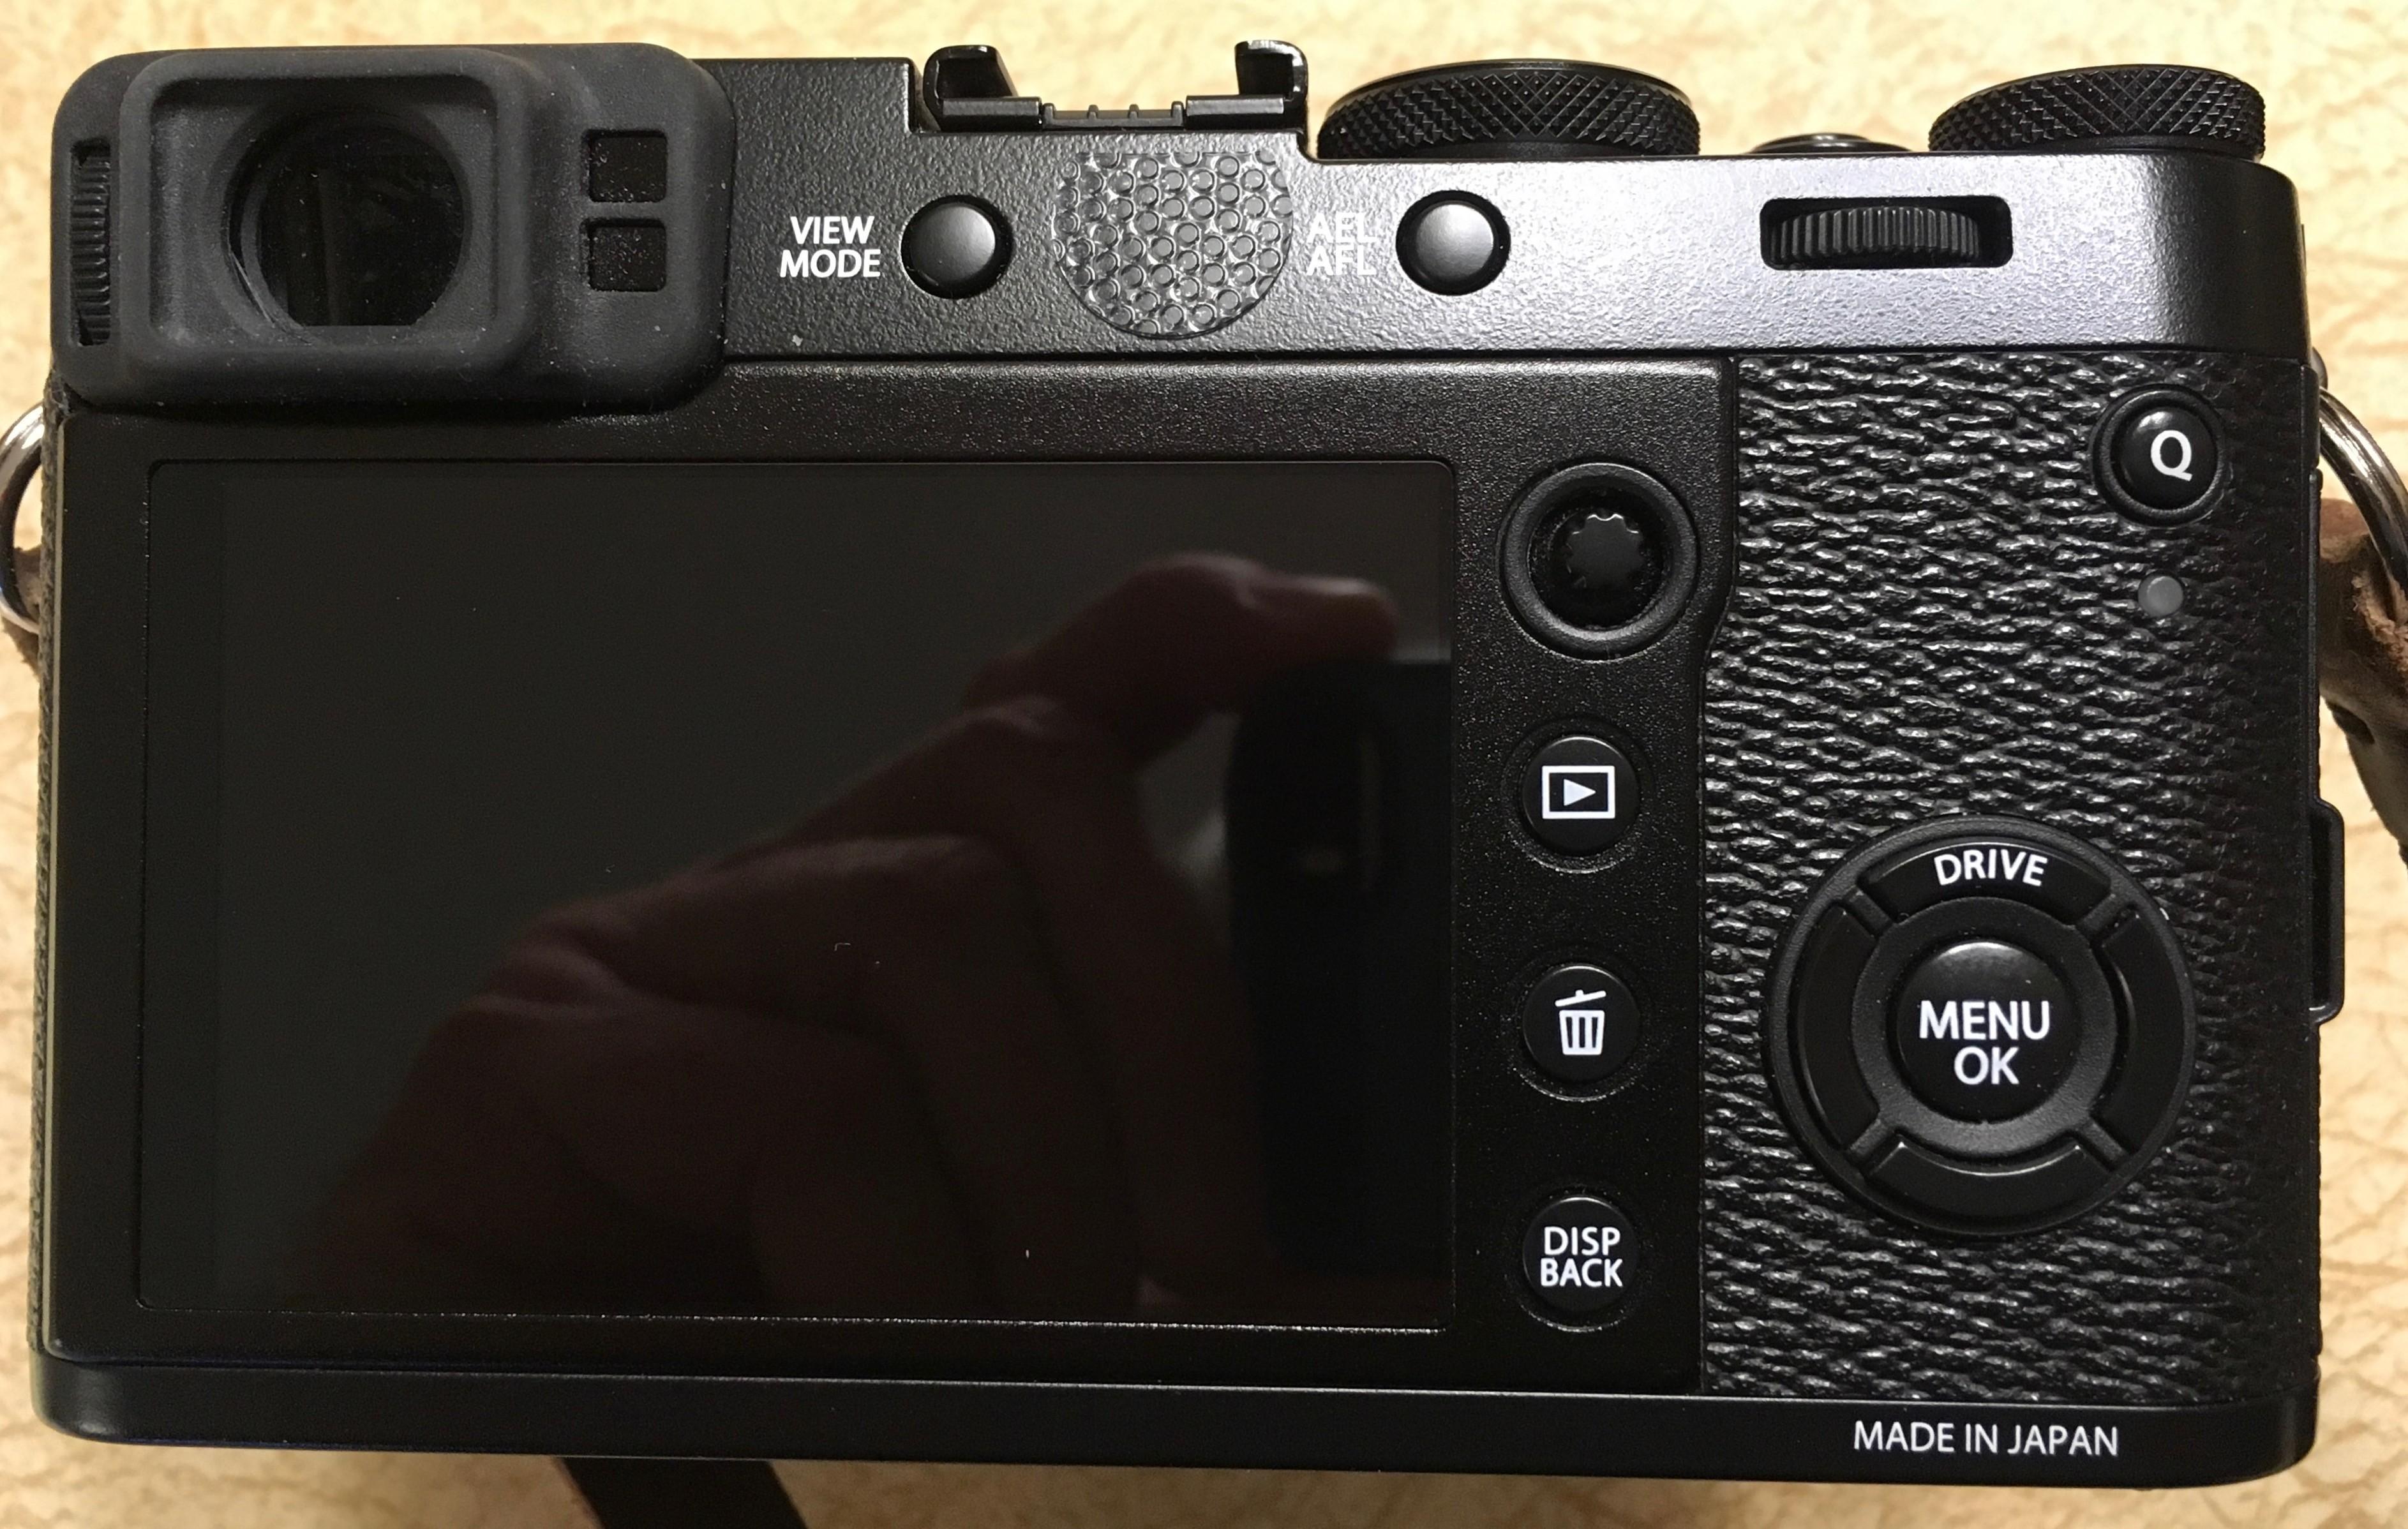 Camera Discrete Example Discrete Dashcam With Camera